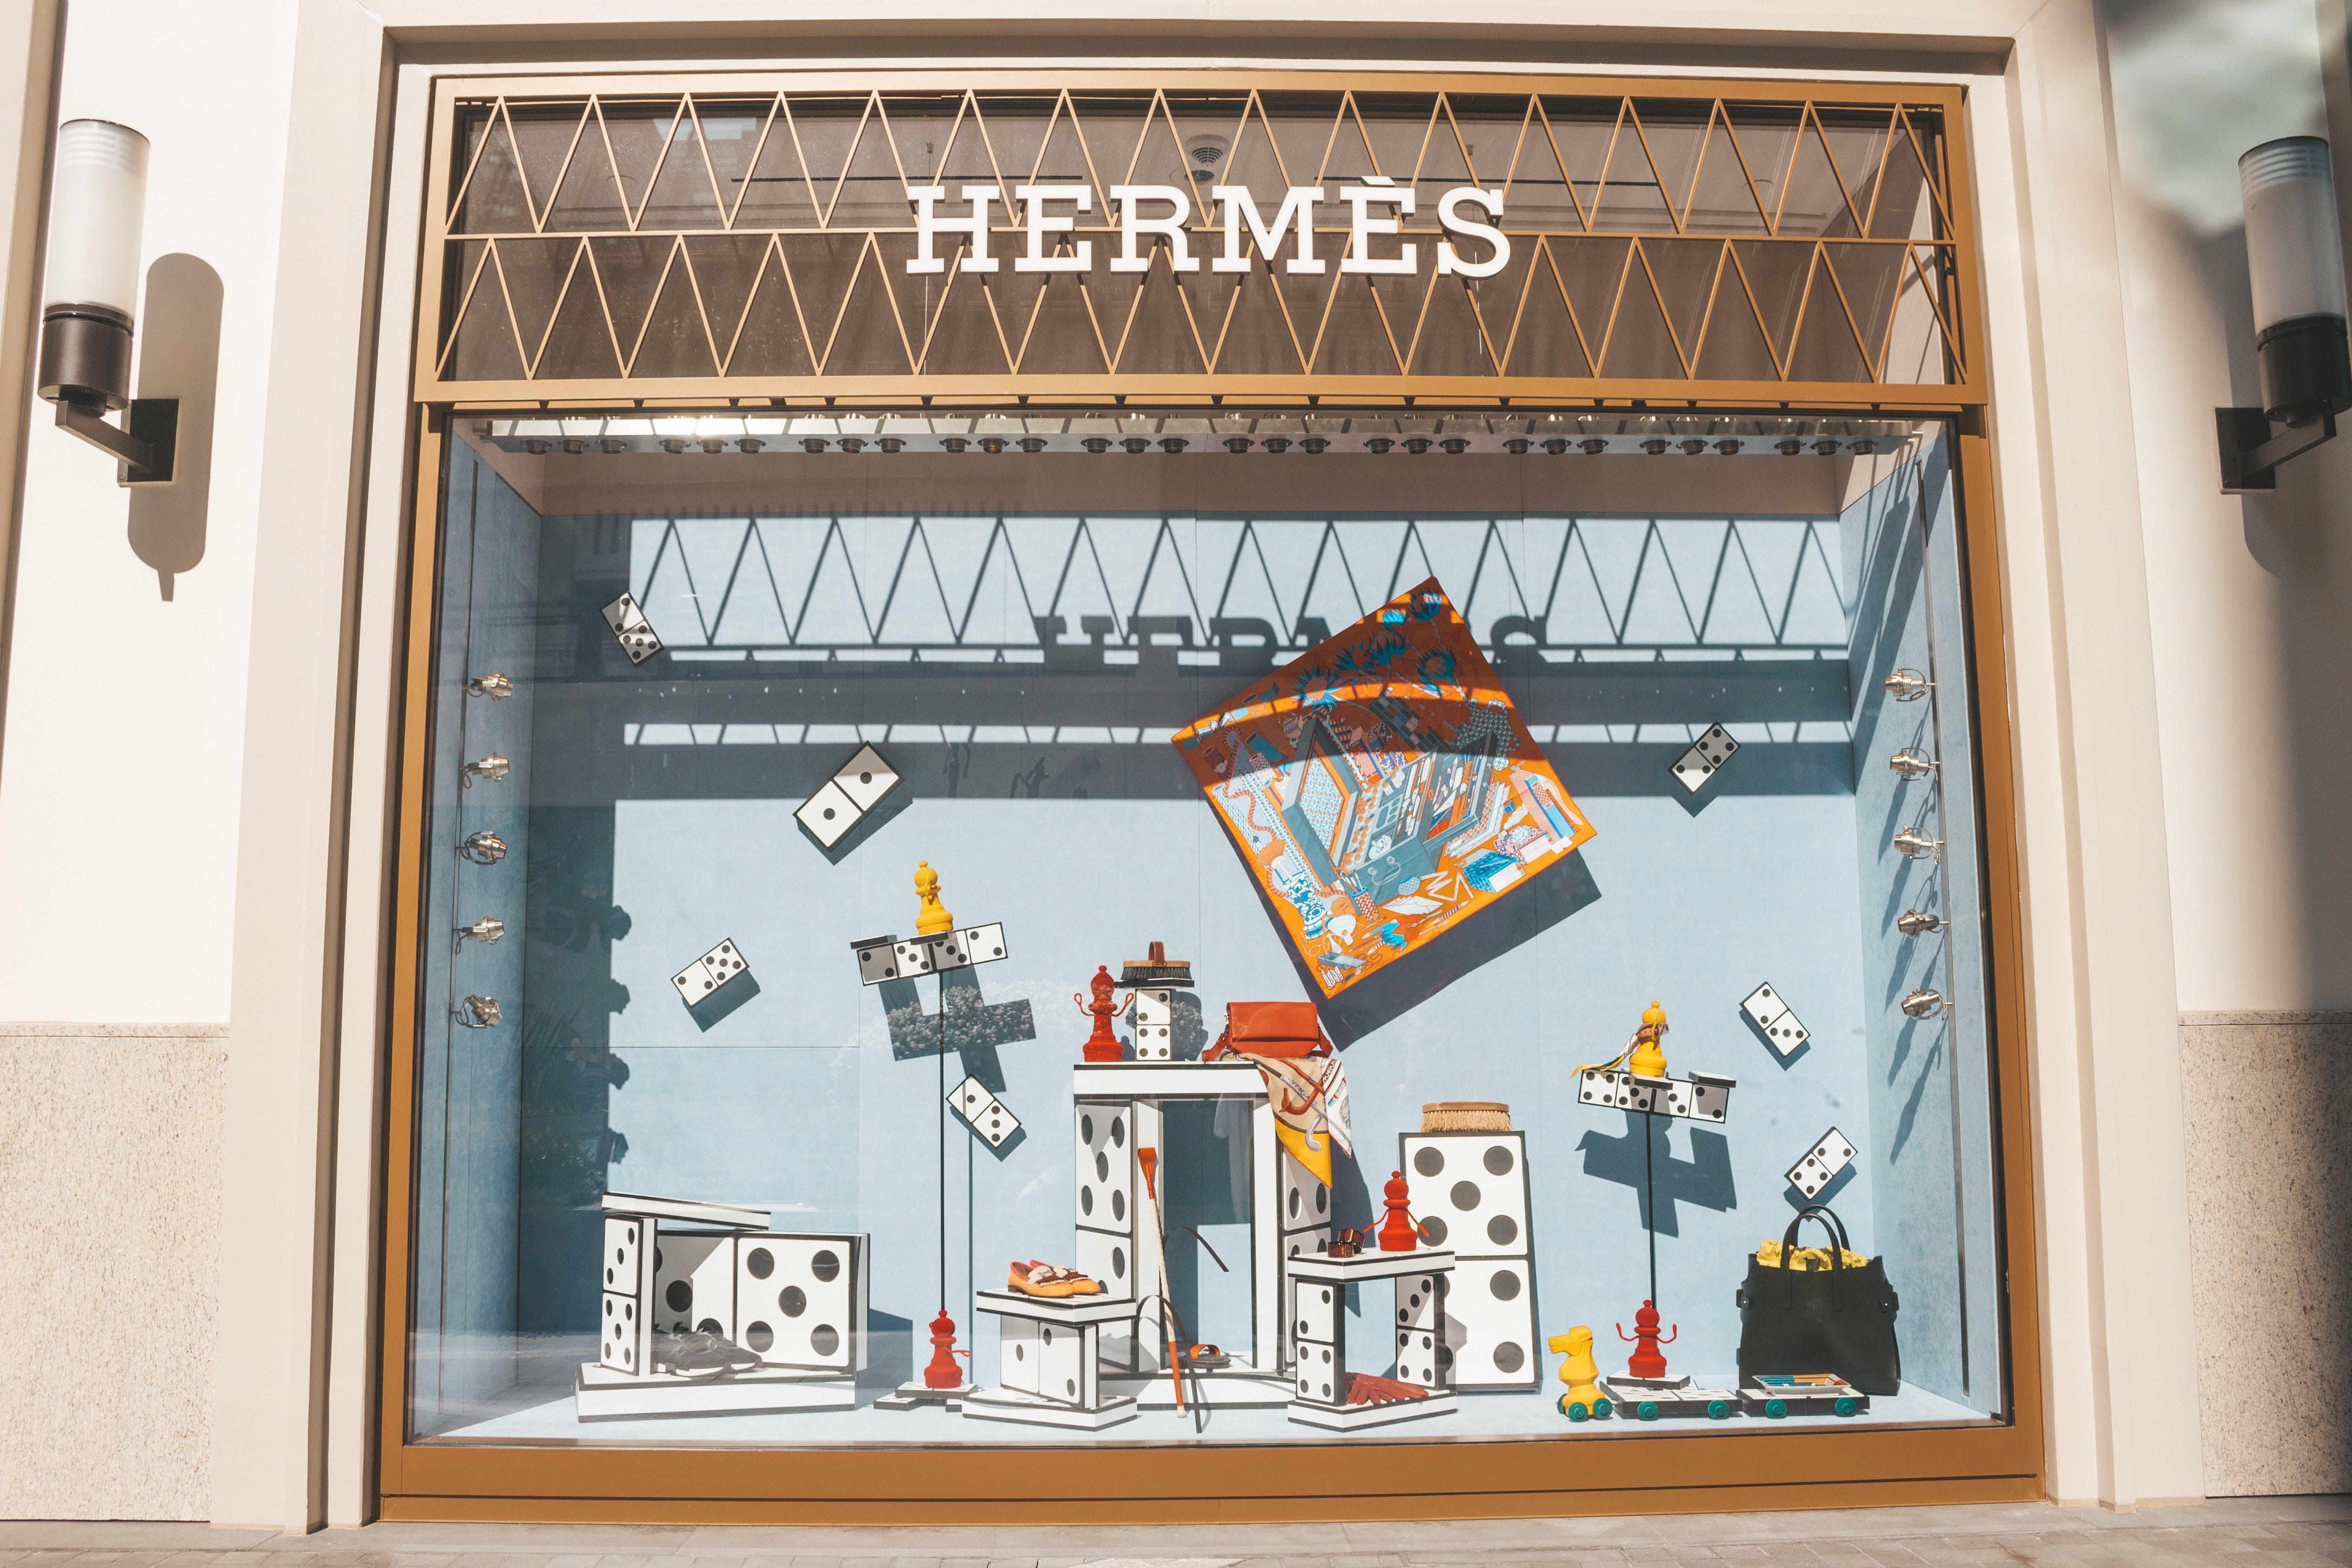 Δωρεάν στοκ φωτογραφιών με απεικόνιση, αρχιτεκτονική, αρχιτεκτονικό σχέδιο, γυάλινο παράθυρο